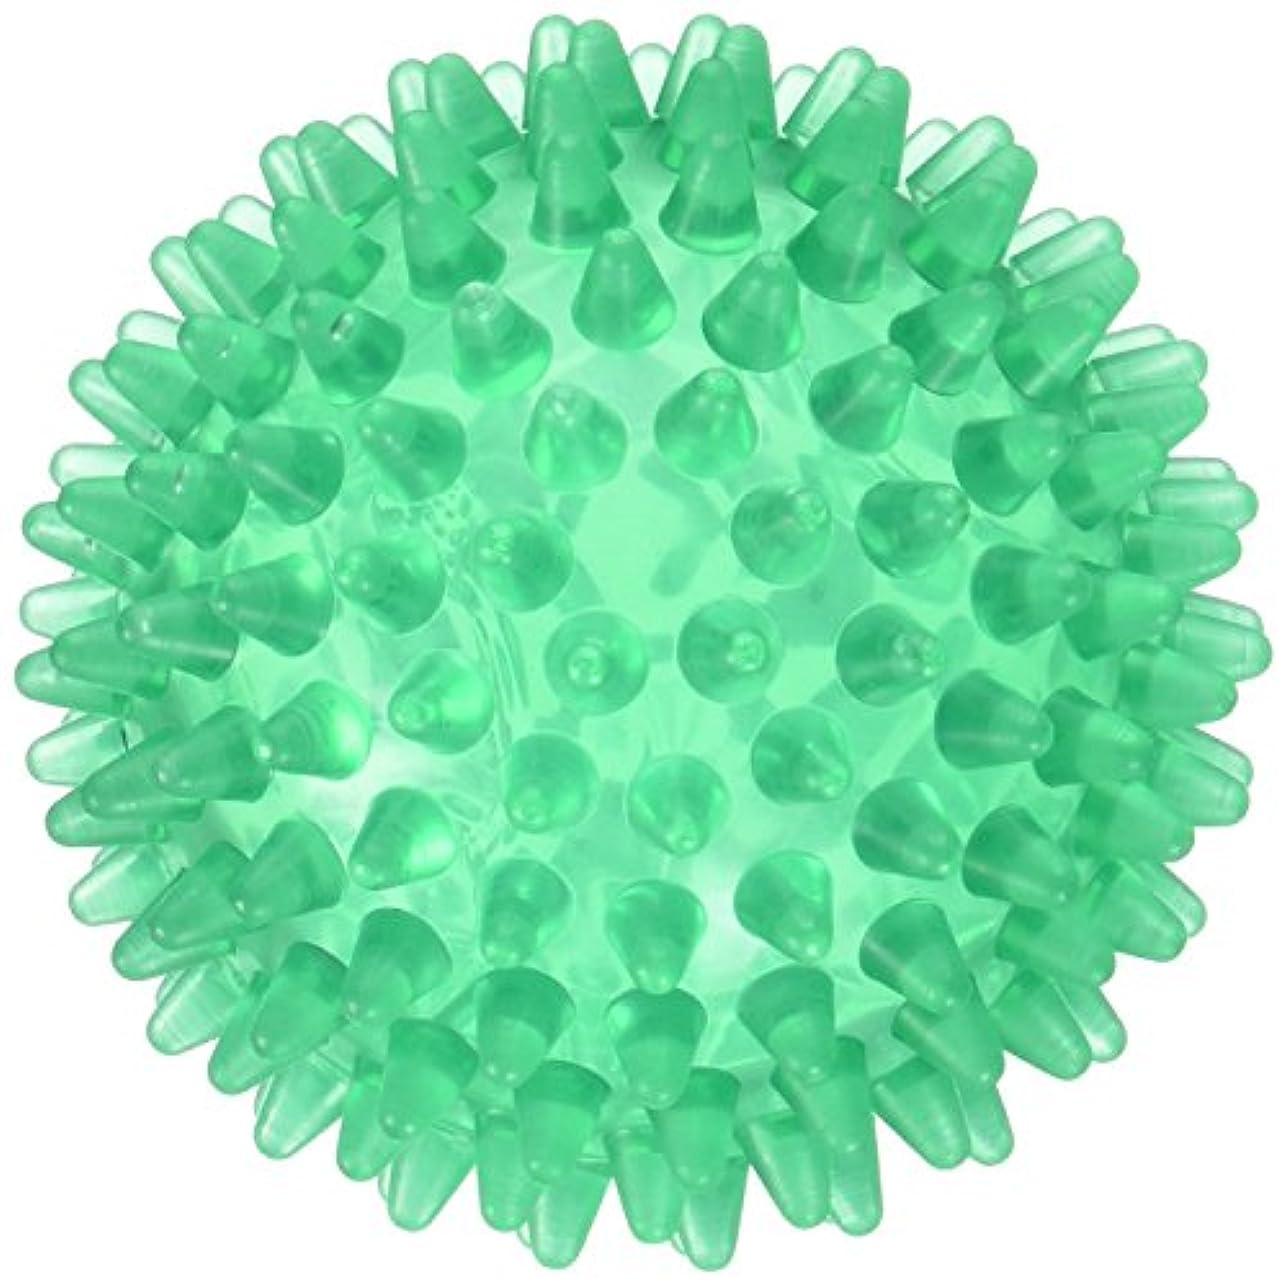 ドナウ川確かに赤外線ダンノ(DANNO) リハビリ マッサージ用 触覚ボール リフレクションボール